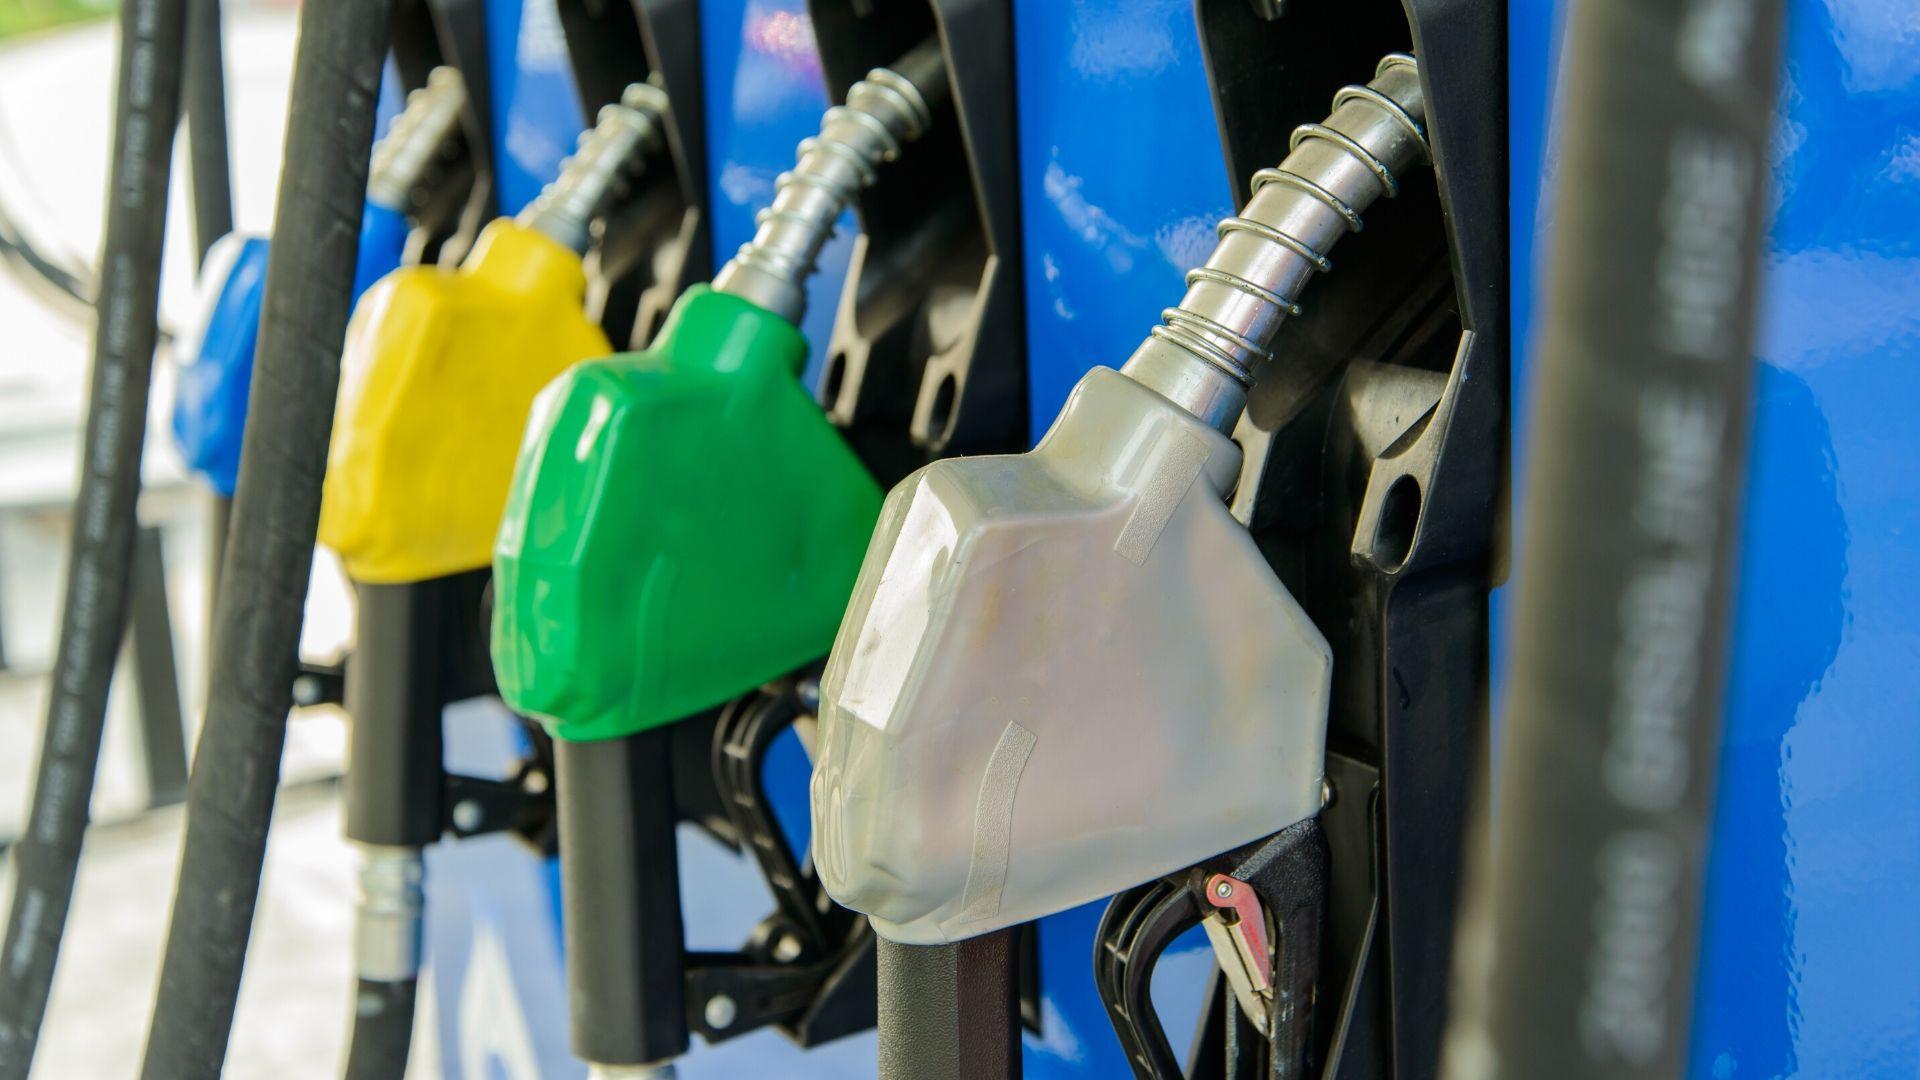 Valori indicativi di riferimento dei costi di esercizio. Dato costo gasolio giugno 2020